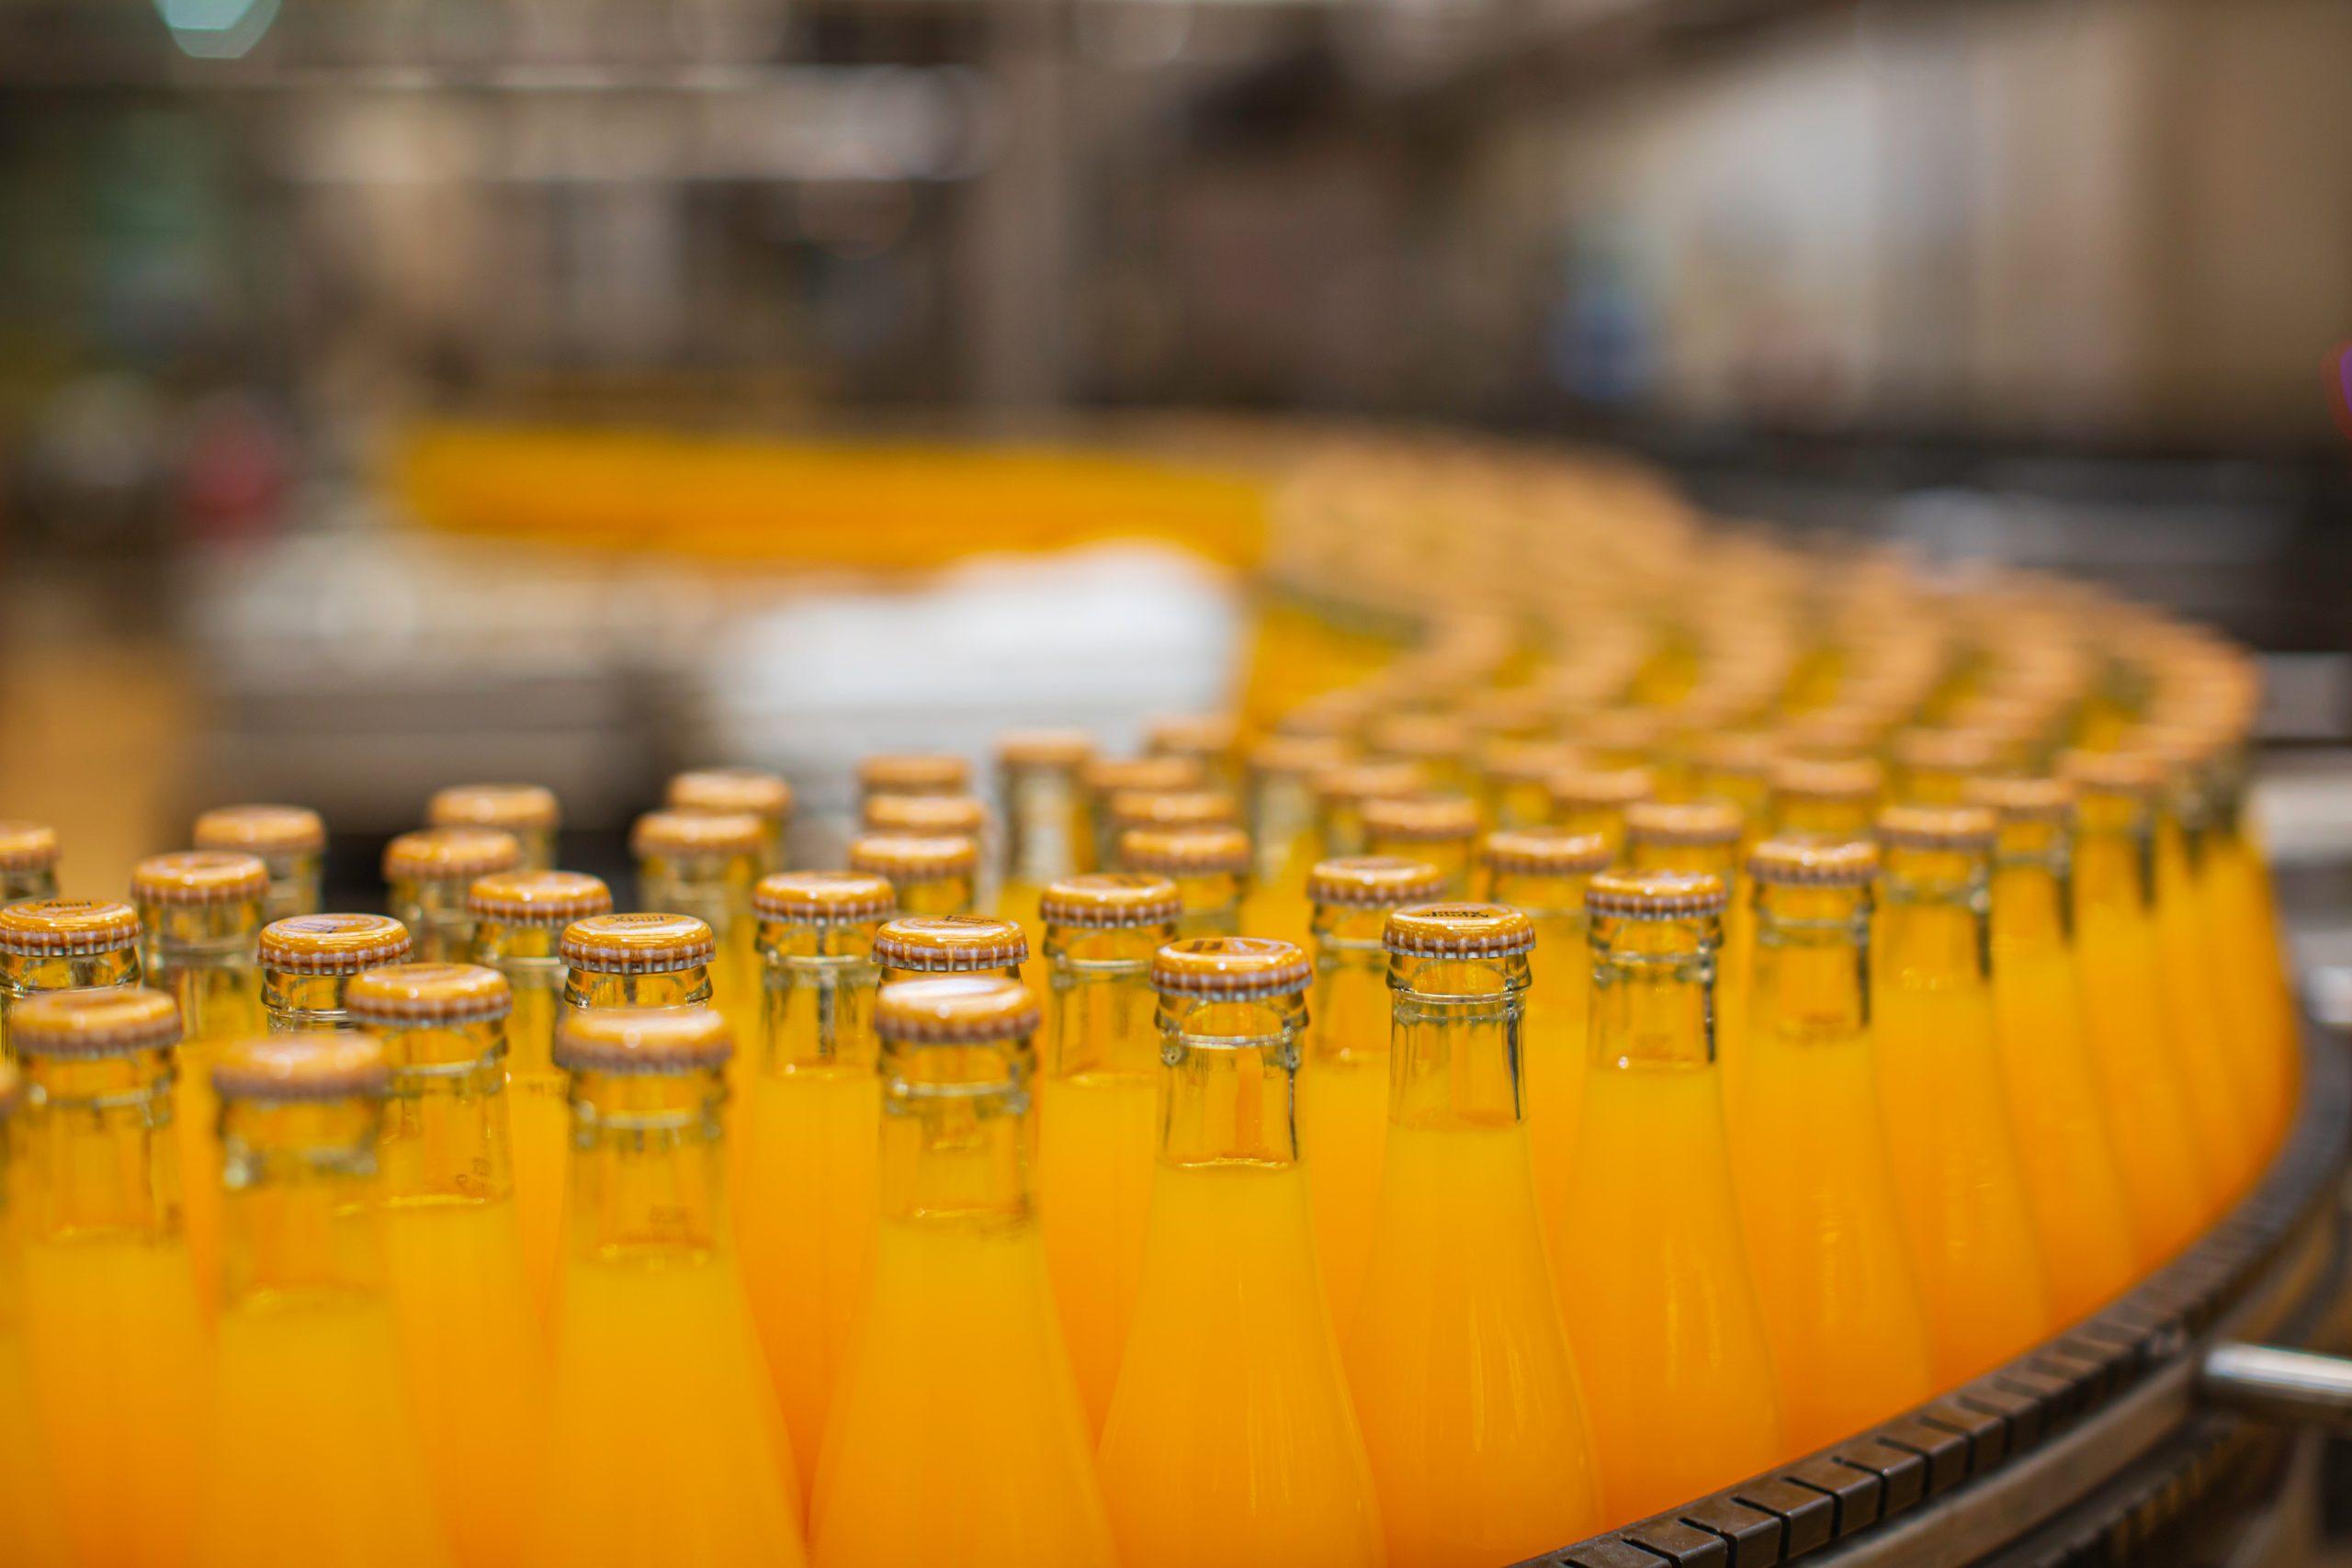 Ein Laufband voller Glasflaschen, die mit einem orangenen Getränk gefüllt sind.